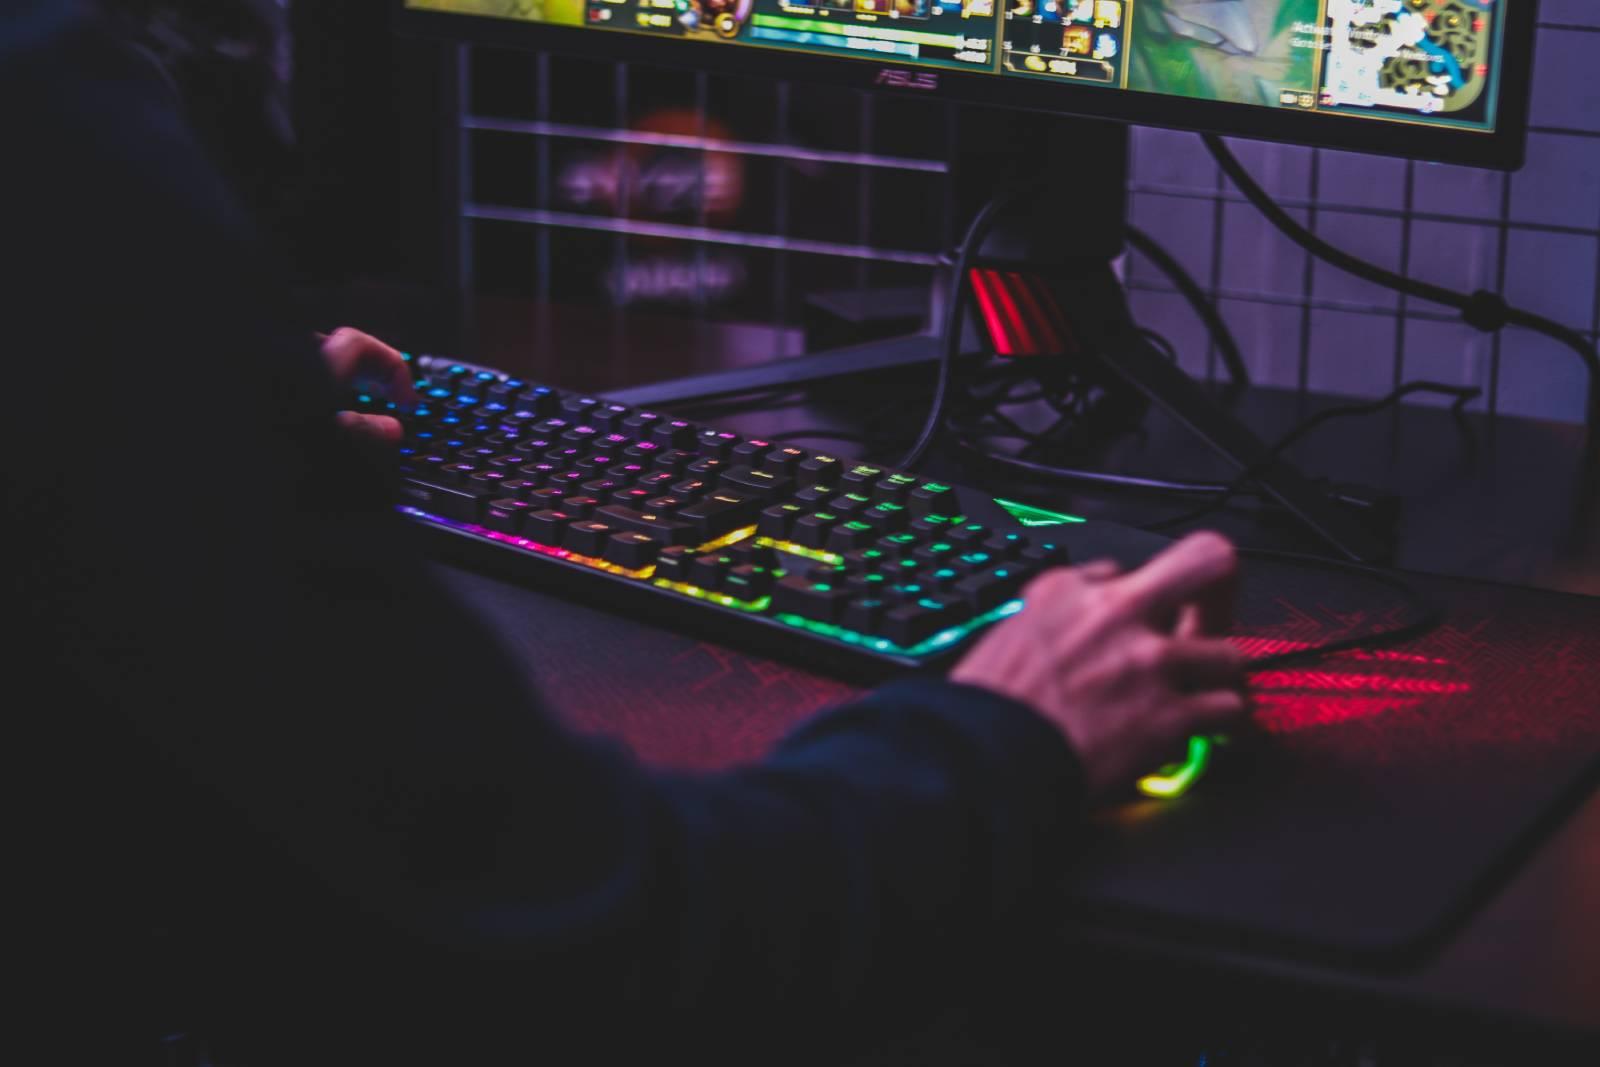 internet datând care se joacă greu pentru a obține